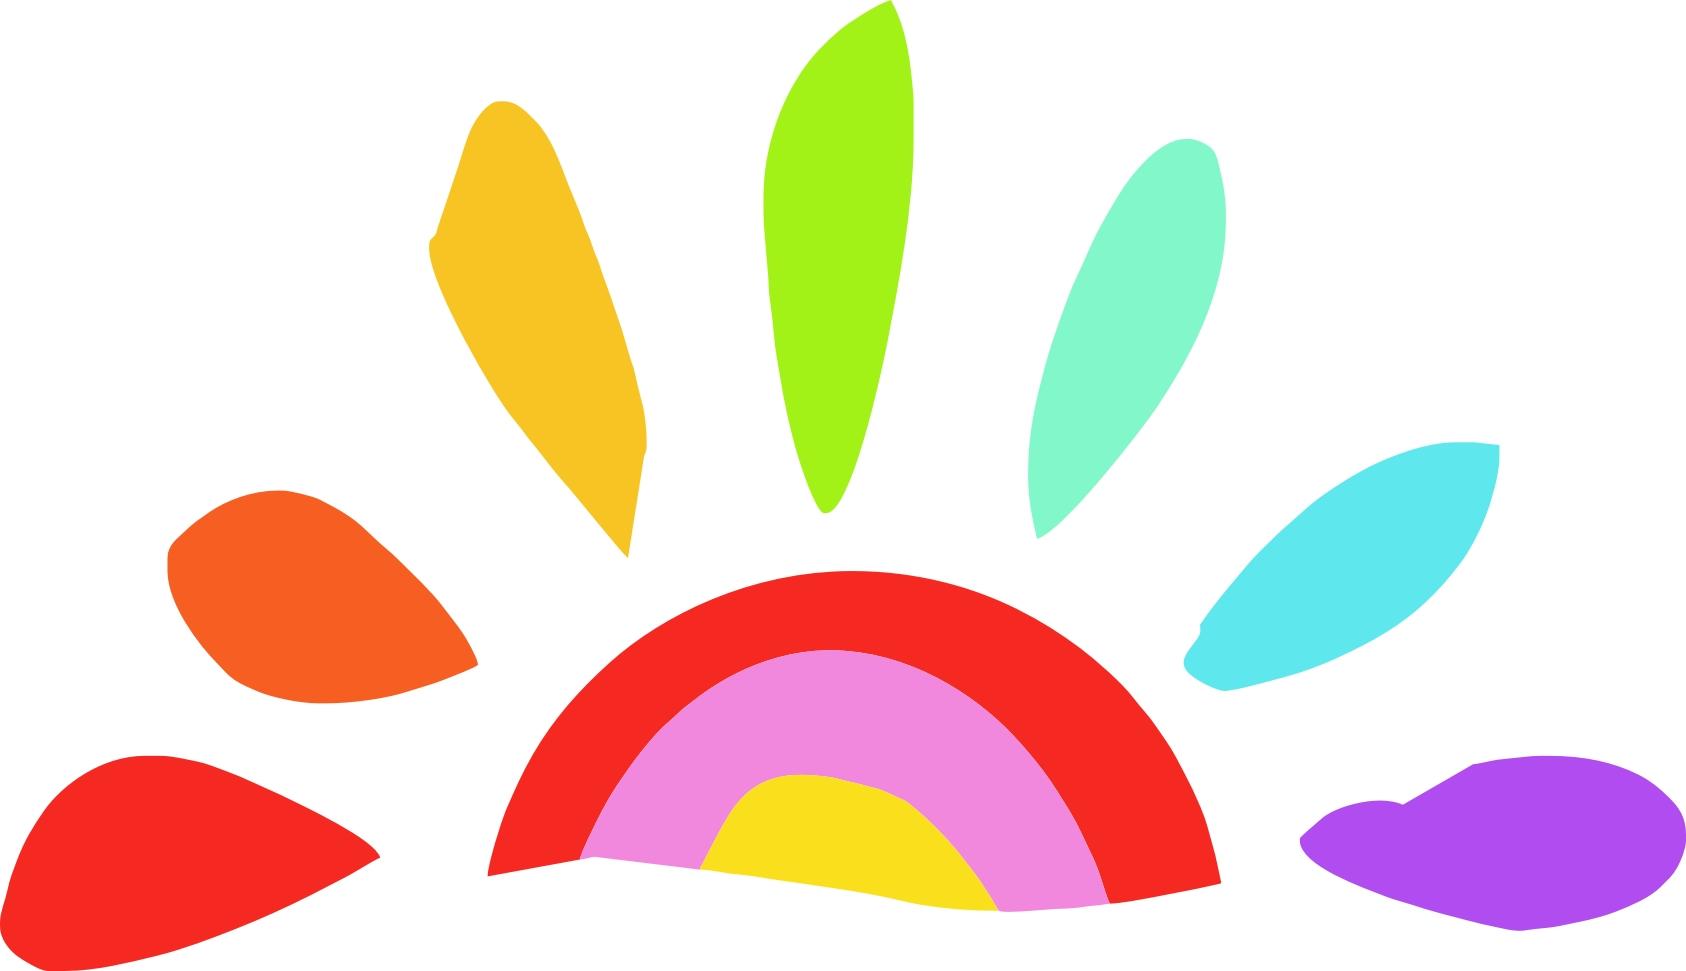 一幼儿园福利待遇简介  海南洋浦港在哪里答:洋浦港位于海南省儋州市.